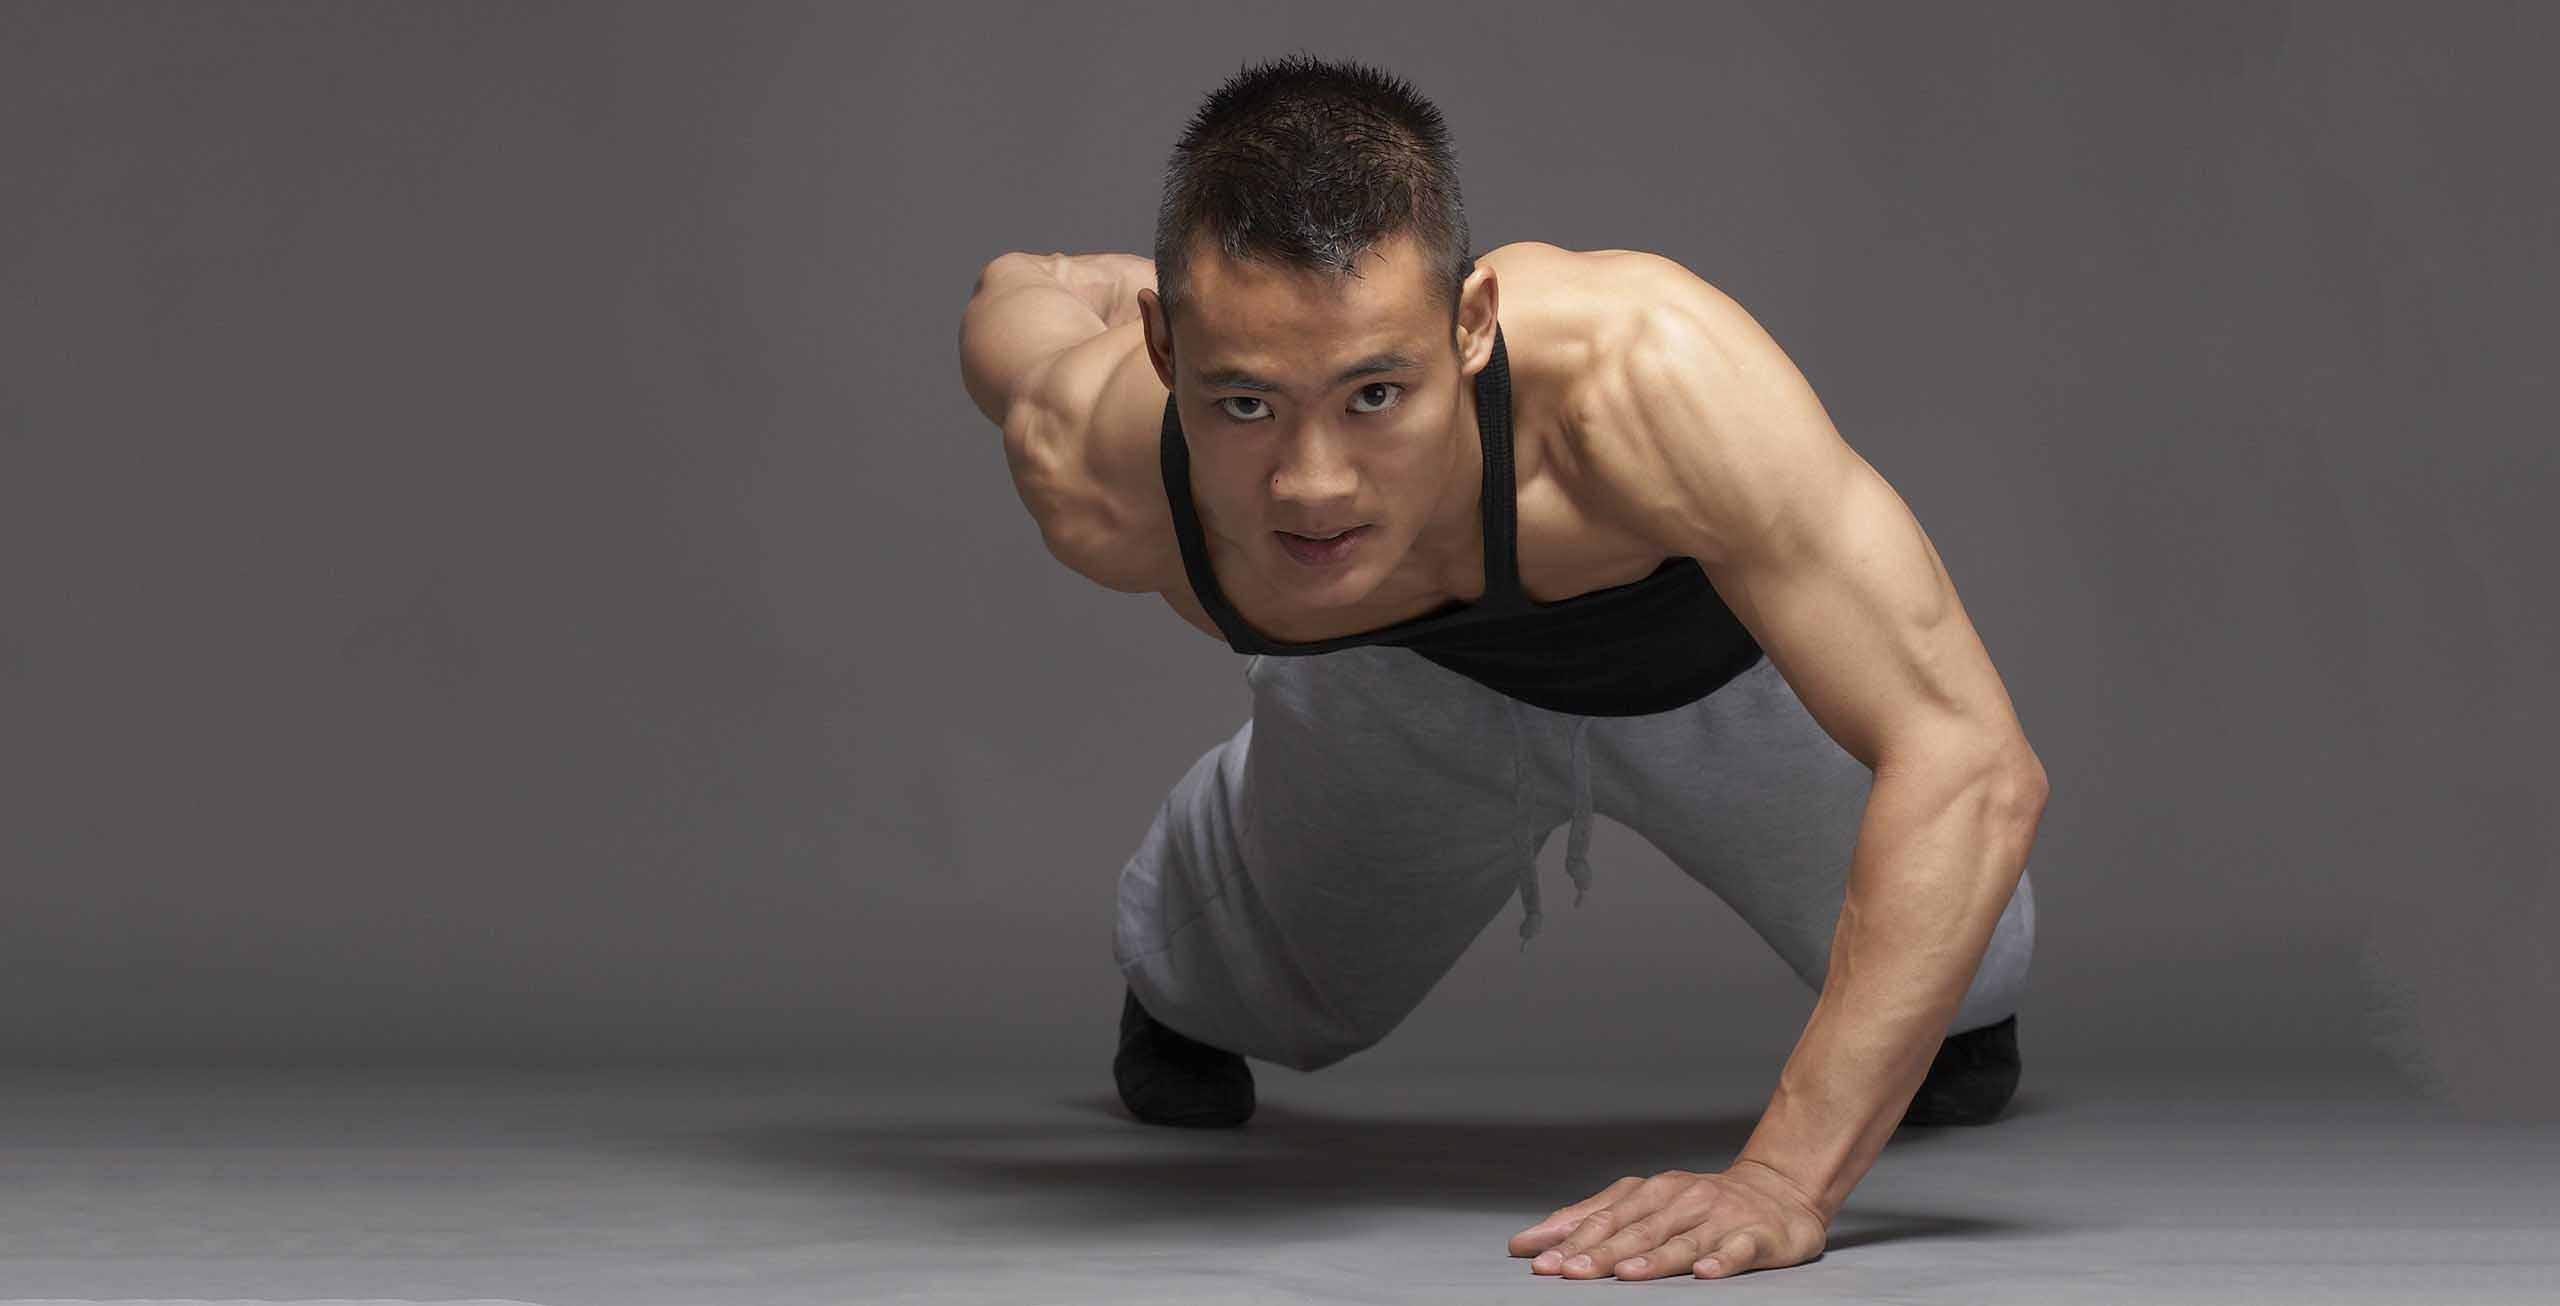 ورزش طول عمر را افزایش میدهد